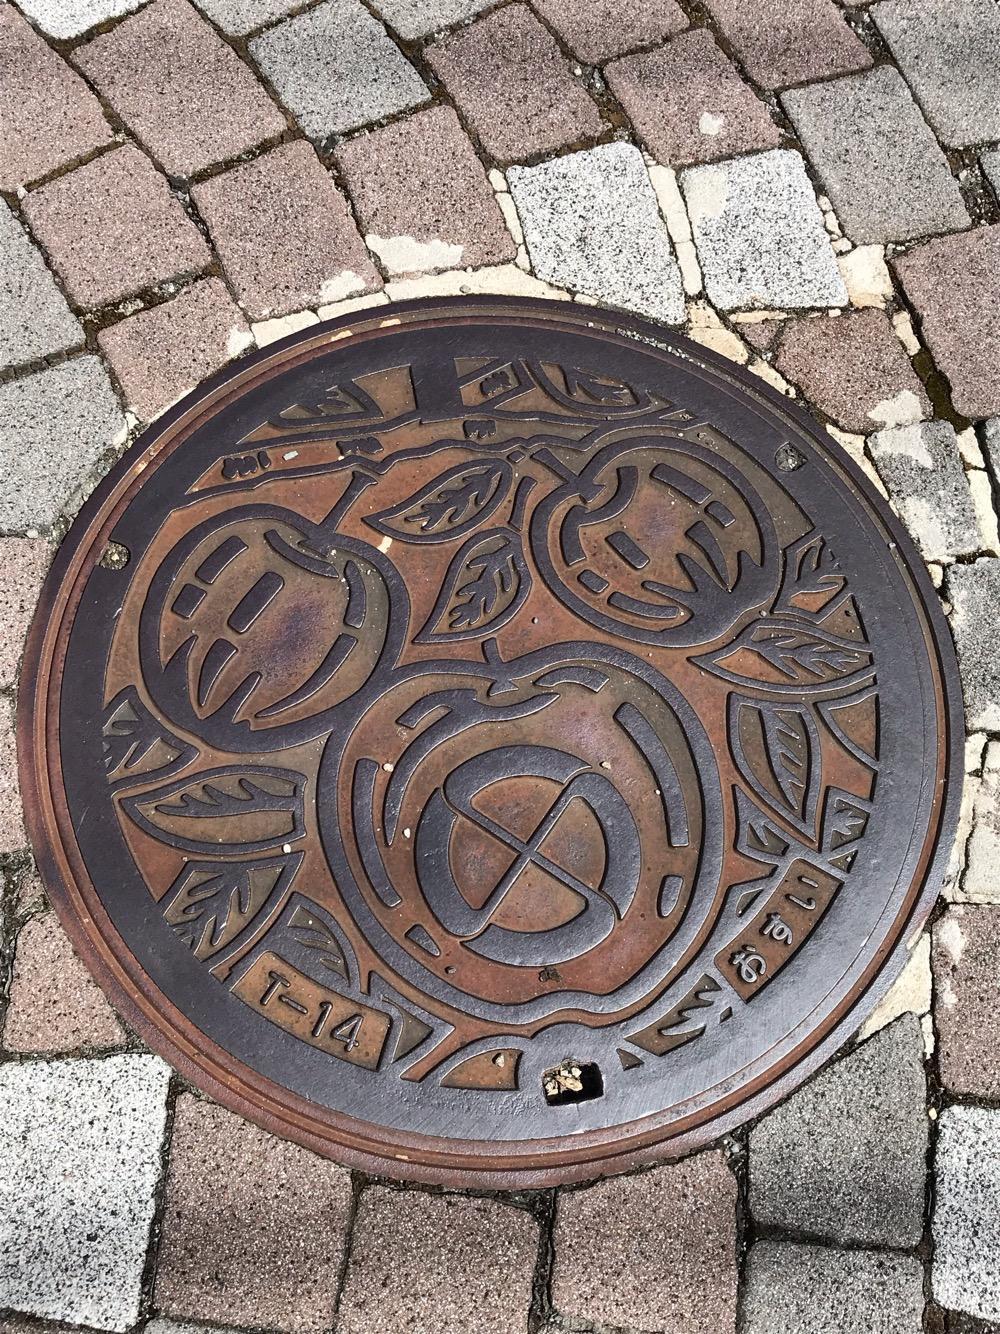 長野県飯田市のマンホールの蓋 - 俺流生パスタ&ワヰン酒場 TATSU屋製麵所前の歩道